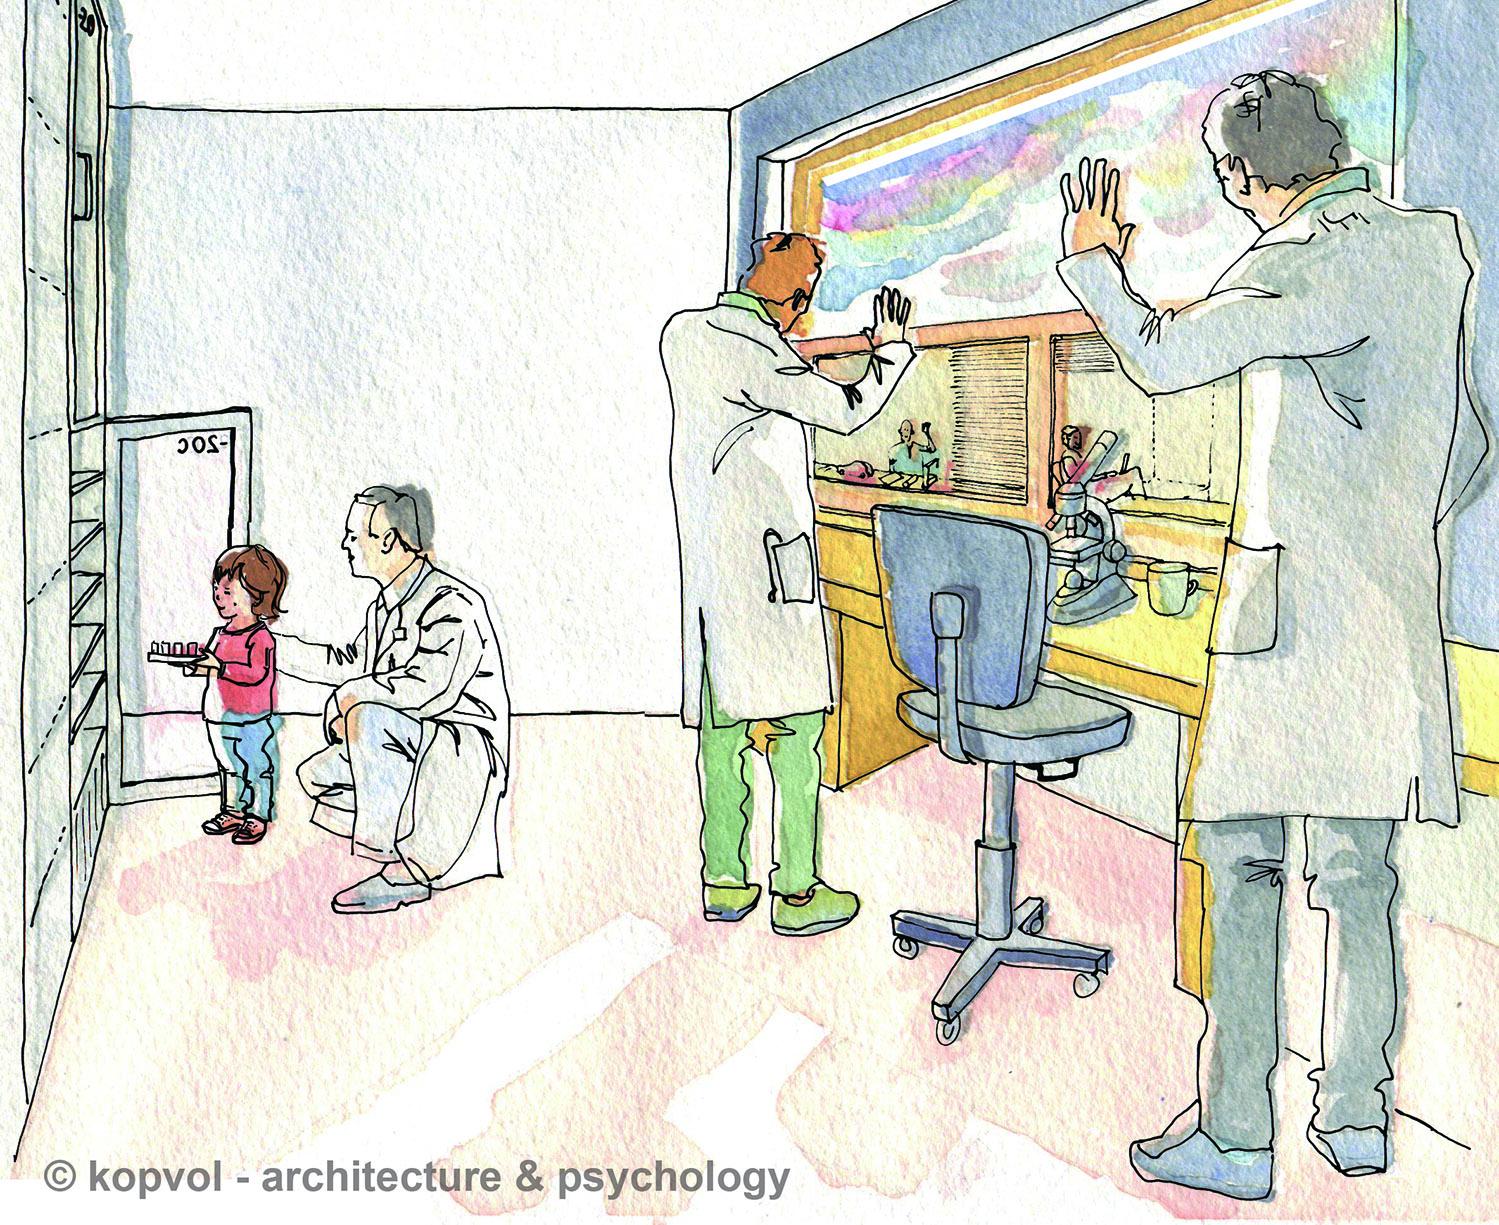 Versorgungs- und patientennahe Labore